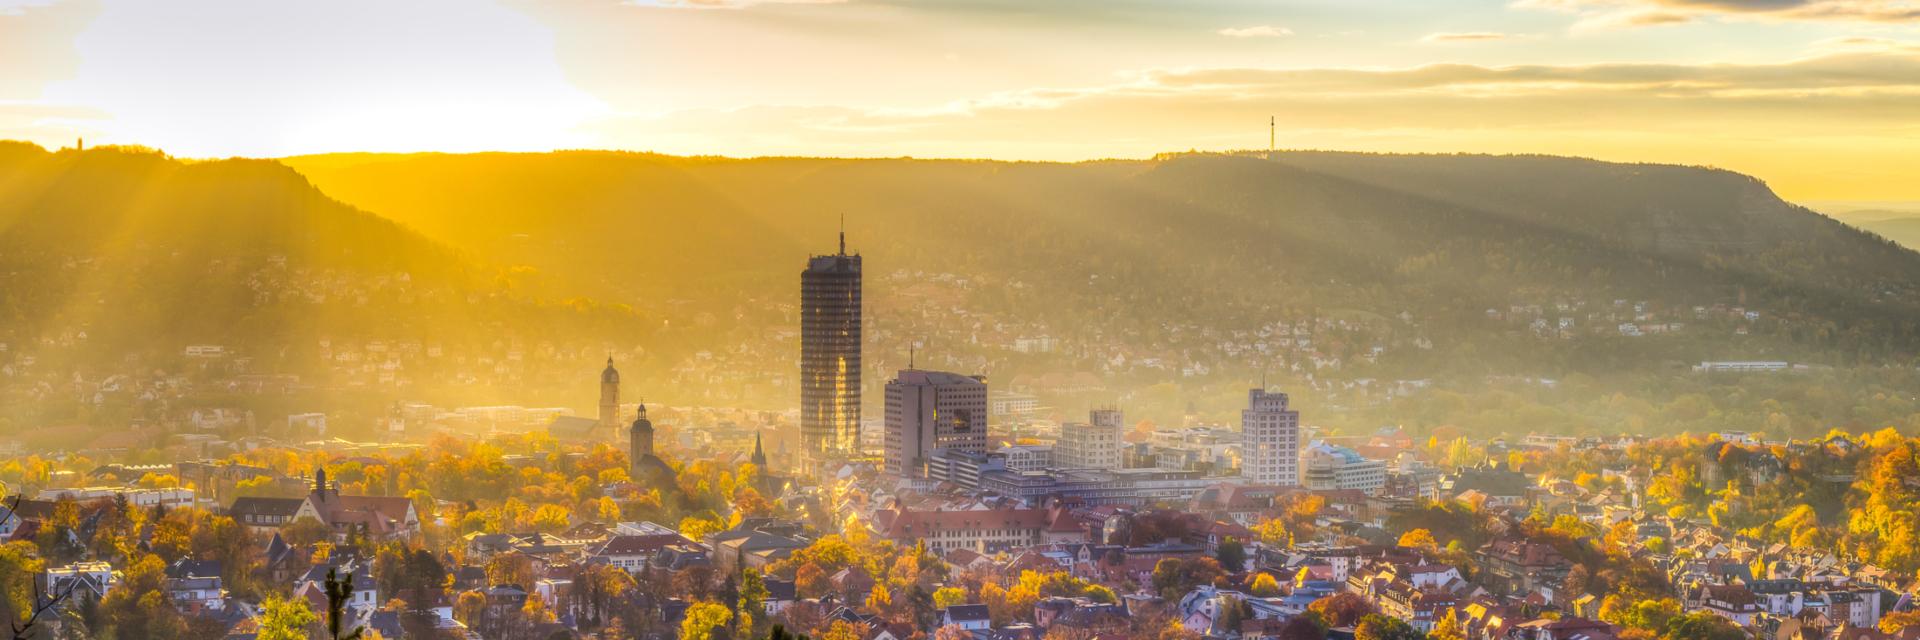 Sonnenstrahlen über der Stadt Jena am Morgen © JenaKultur, Foto: André Gräf